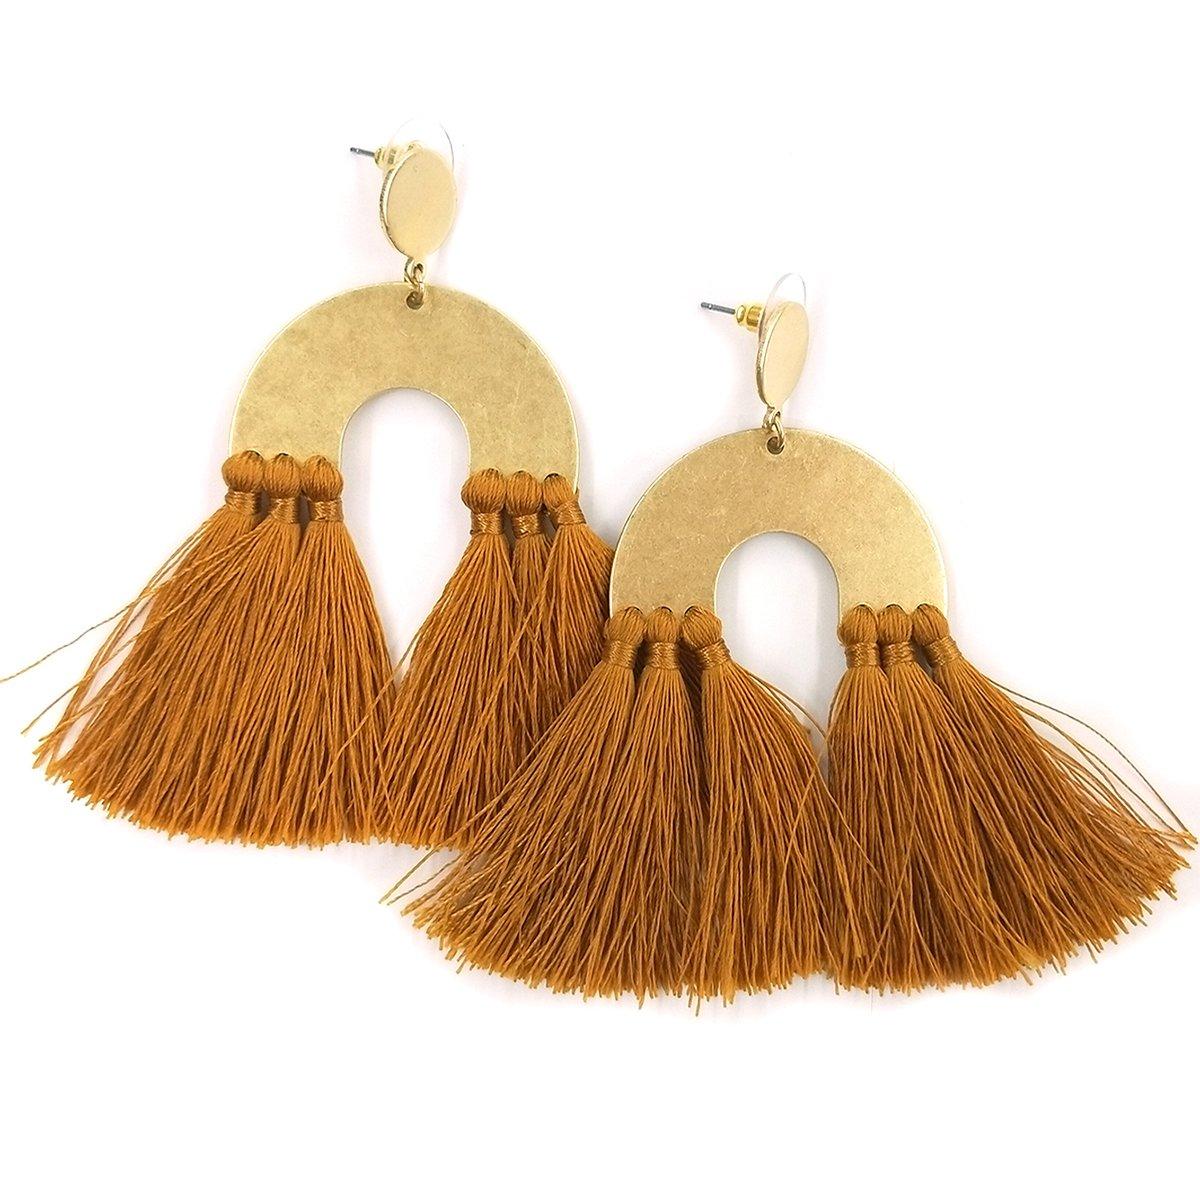 Drop Tassel Earrings for Women Girls Boho Dangle Earring Tassels, Designer Tassels Jewelry Making By MeliMe (Wheat)